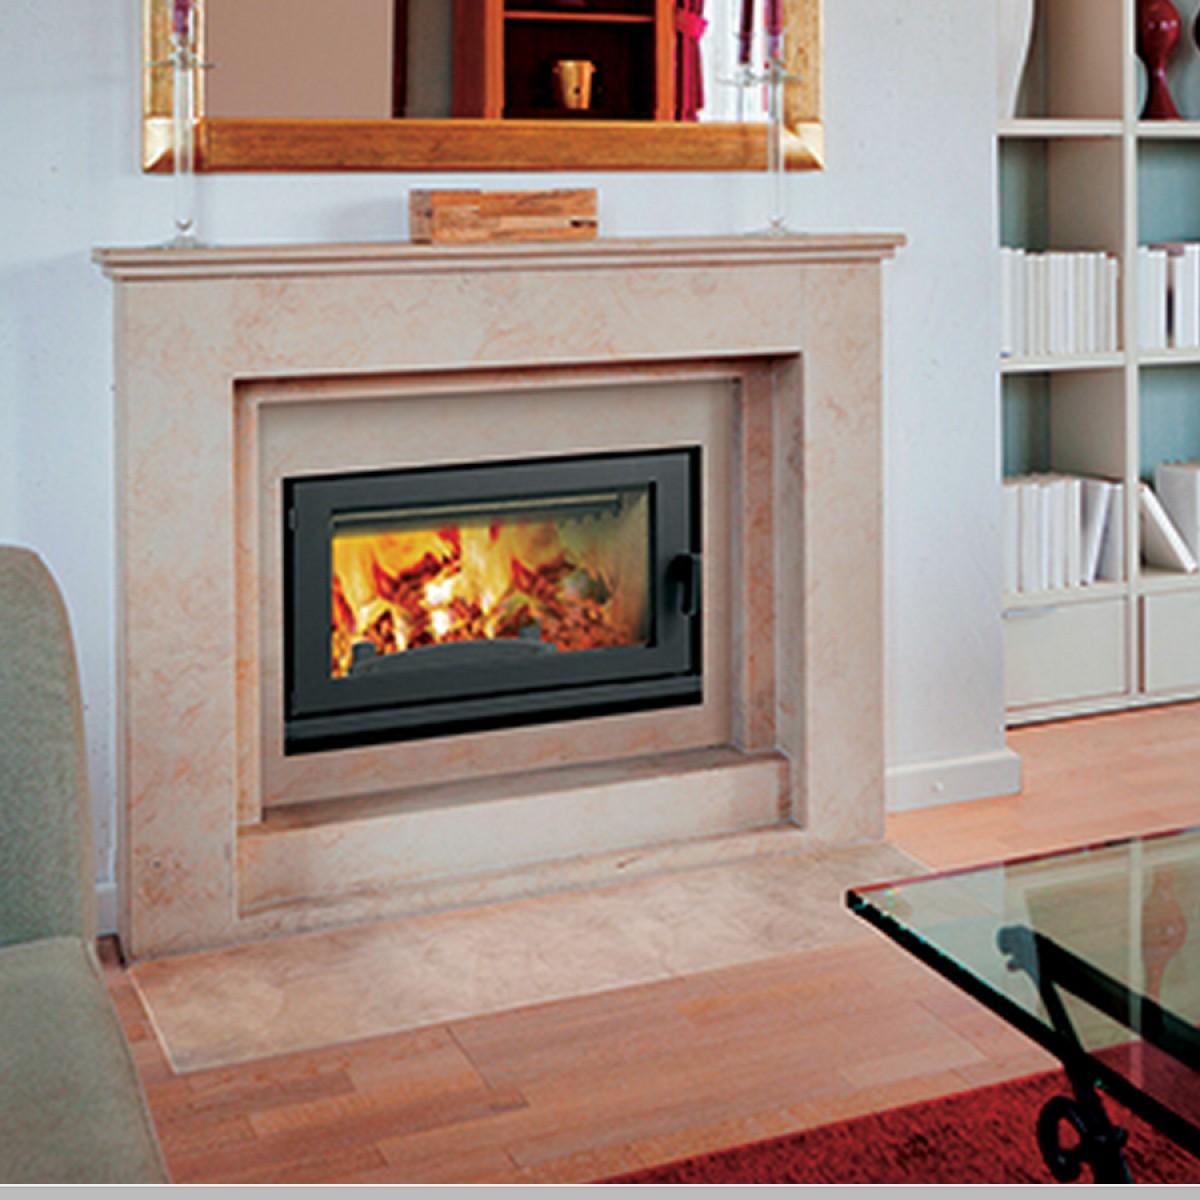 Ihp Superior Wrt4826wh Epa Phase Ii Fireplaces